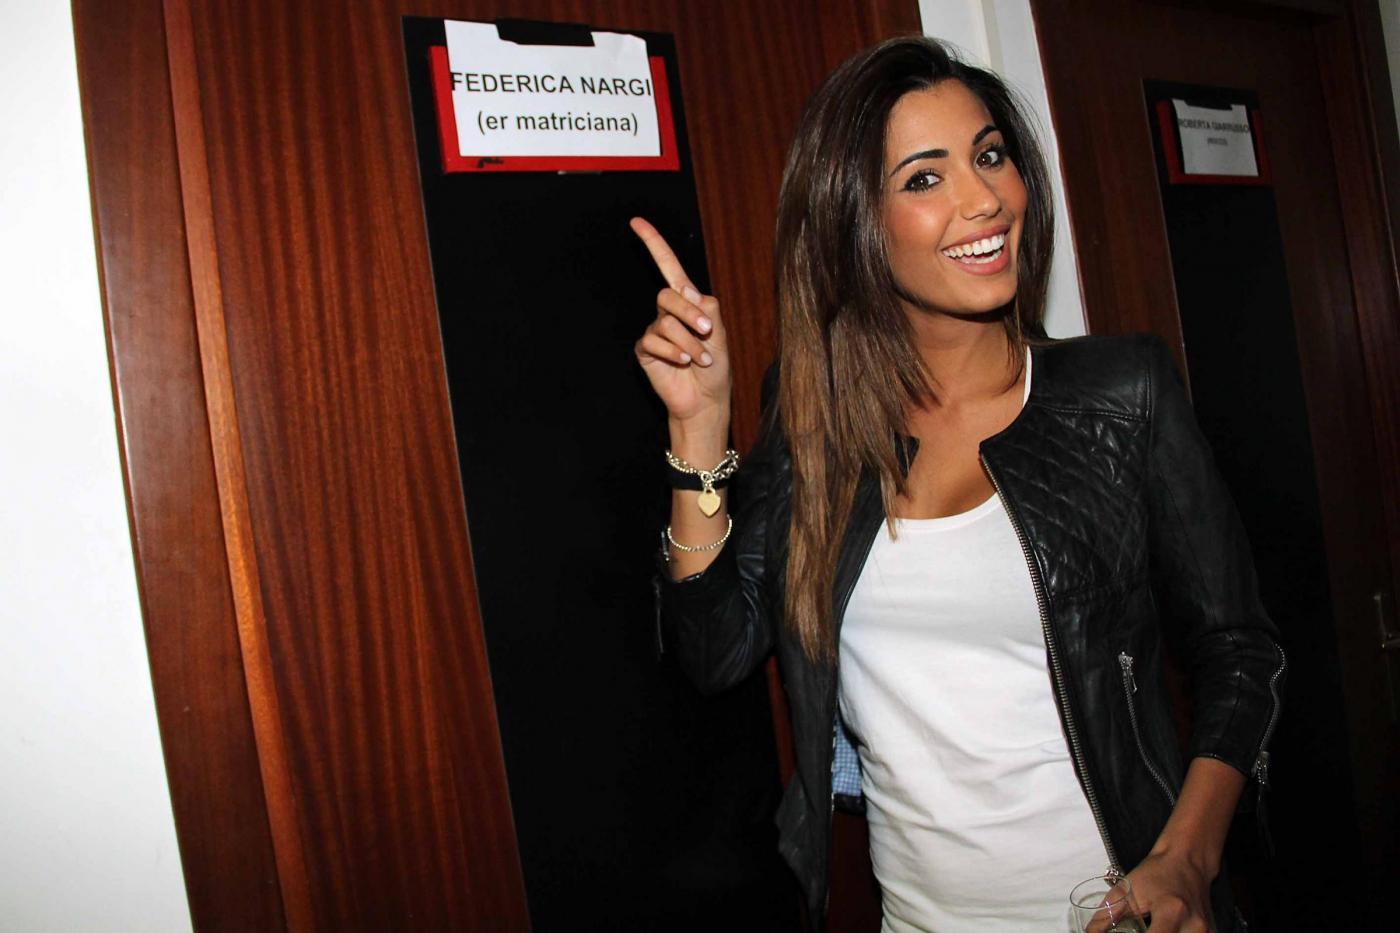 Federica Nargi, l'ex velina debutta al teatro Brancaccio di Roma02